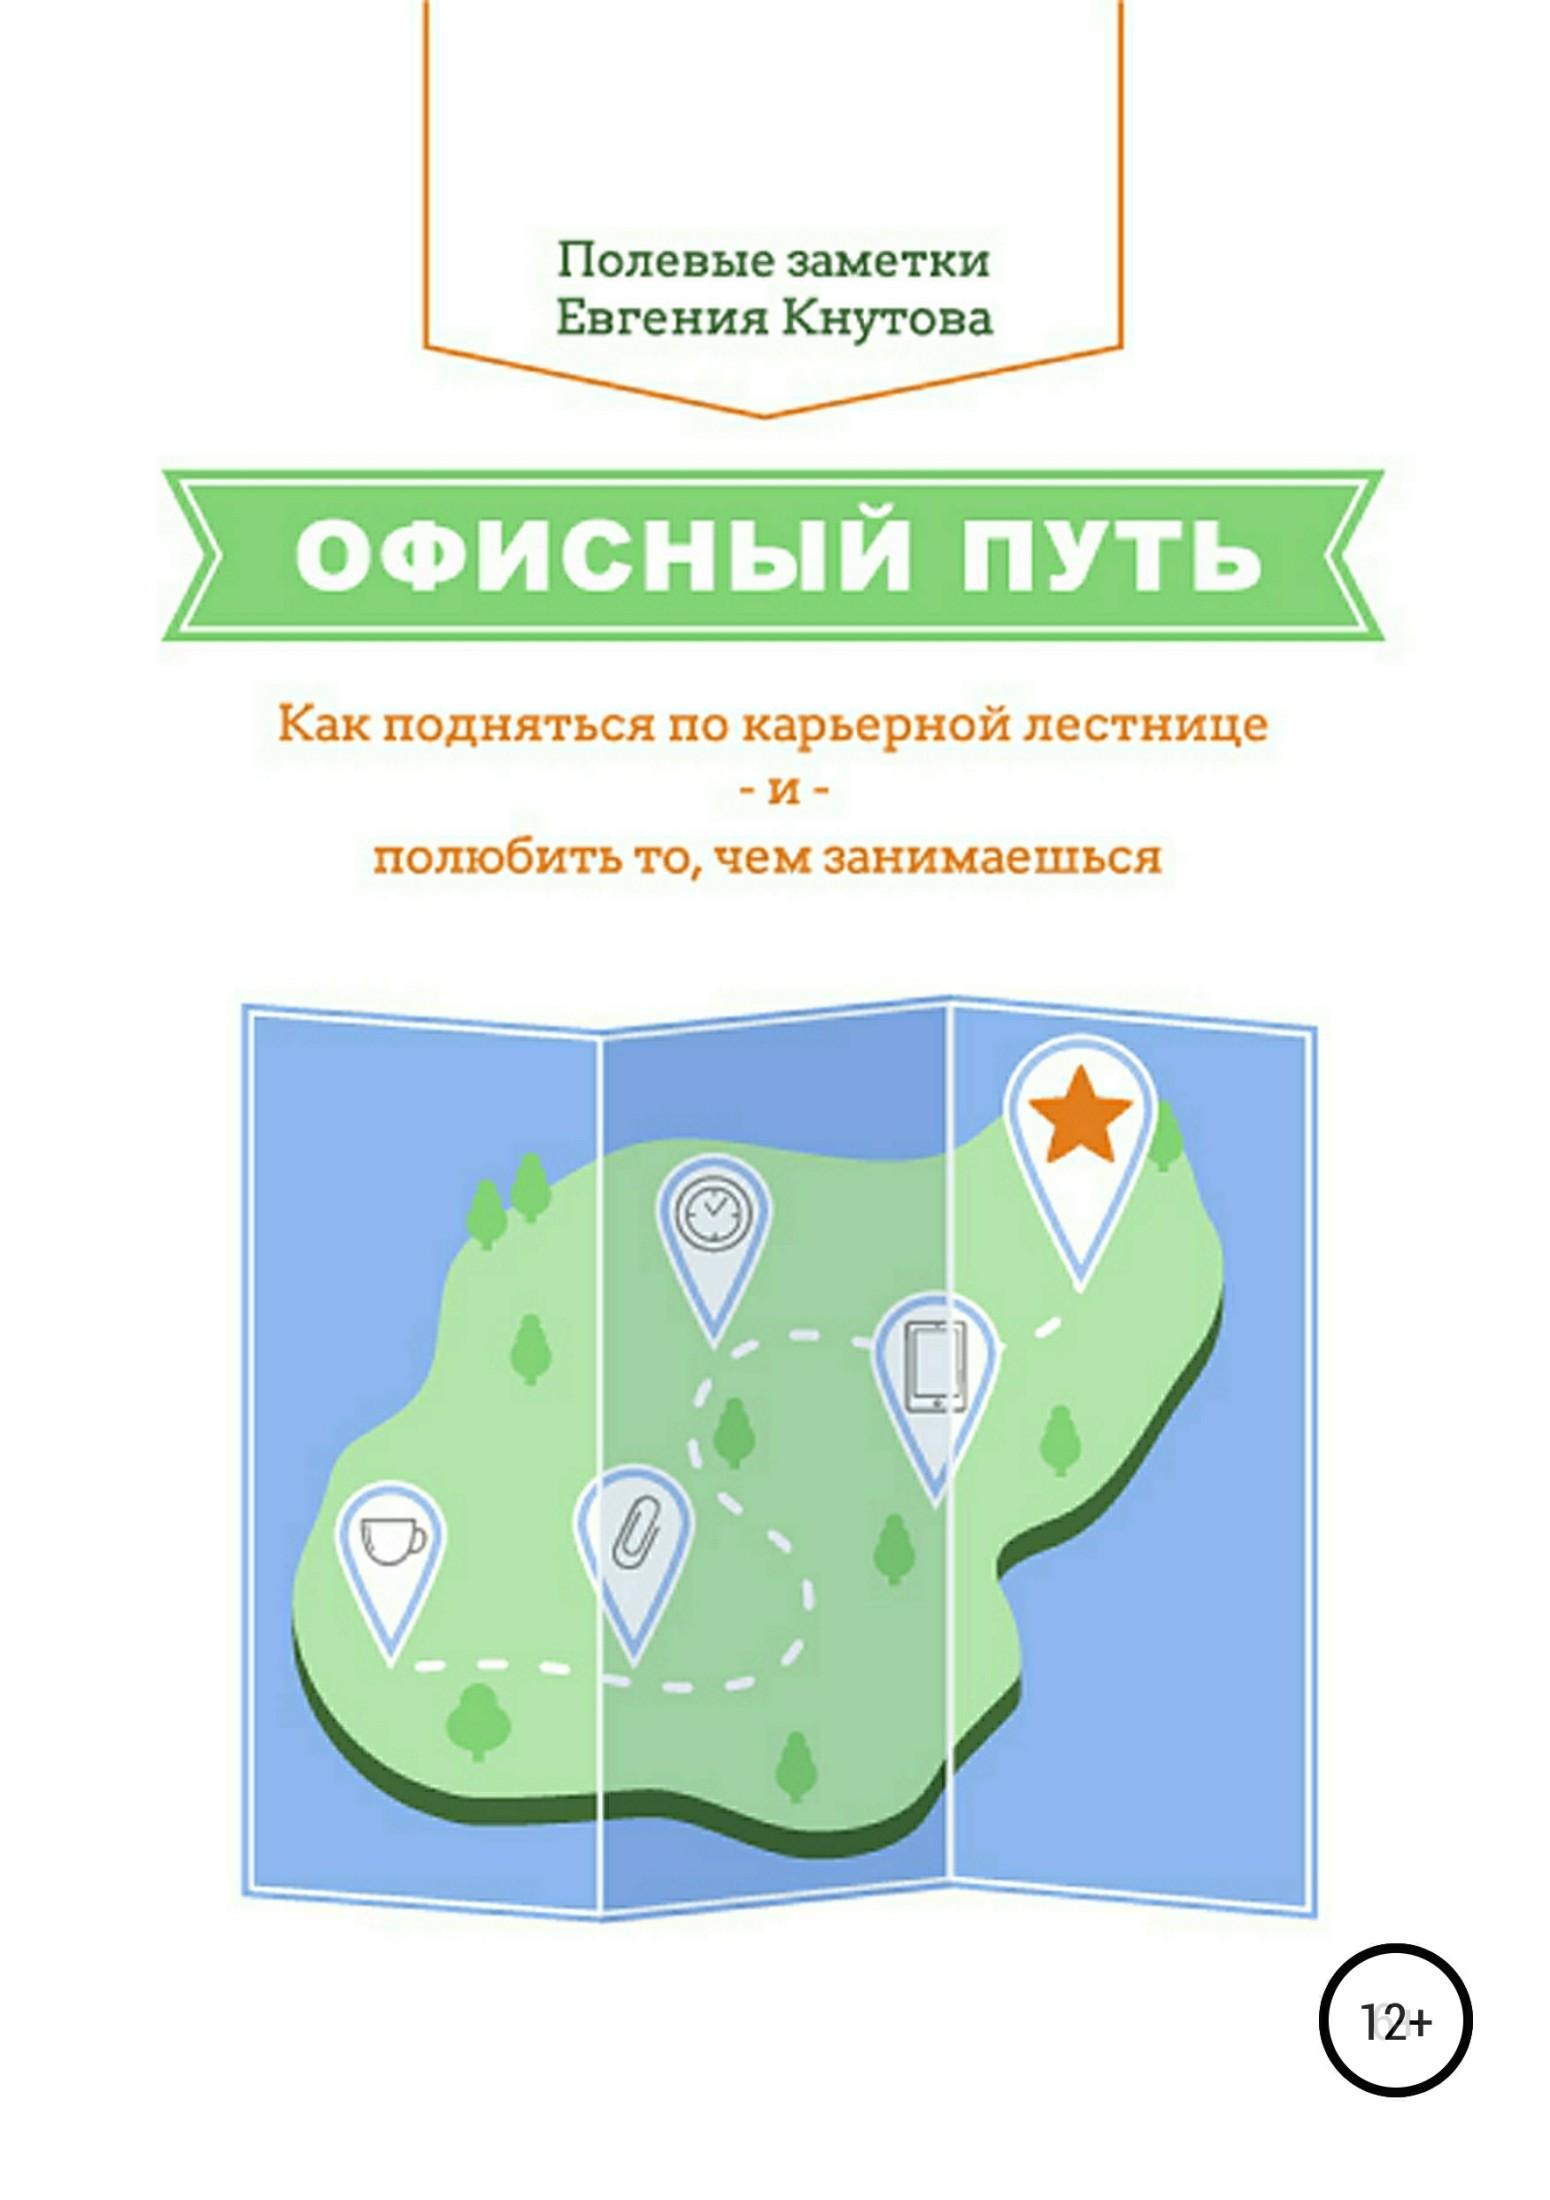 Обложка книги Офисный путь. Как подняться по карьерной лестнице и полюбить то, чем занимаешься